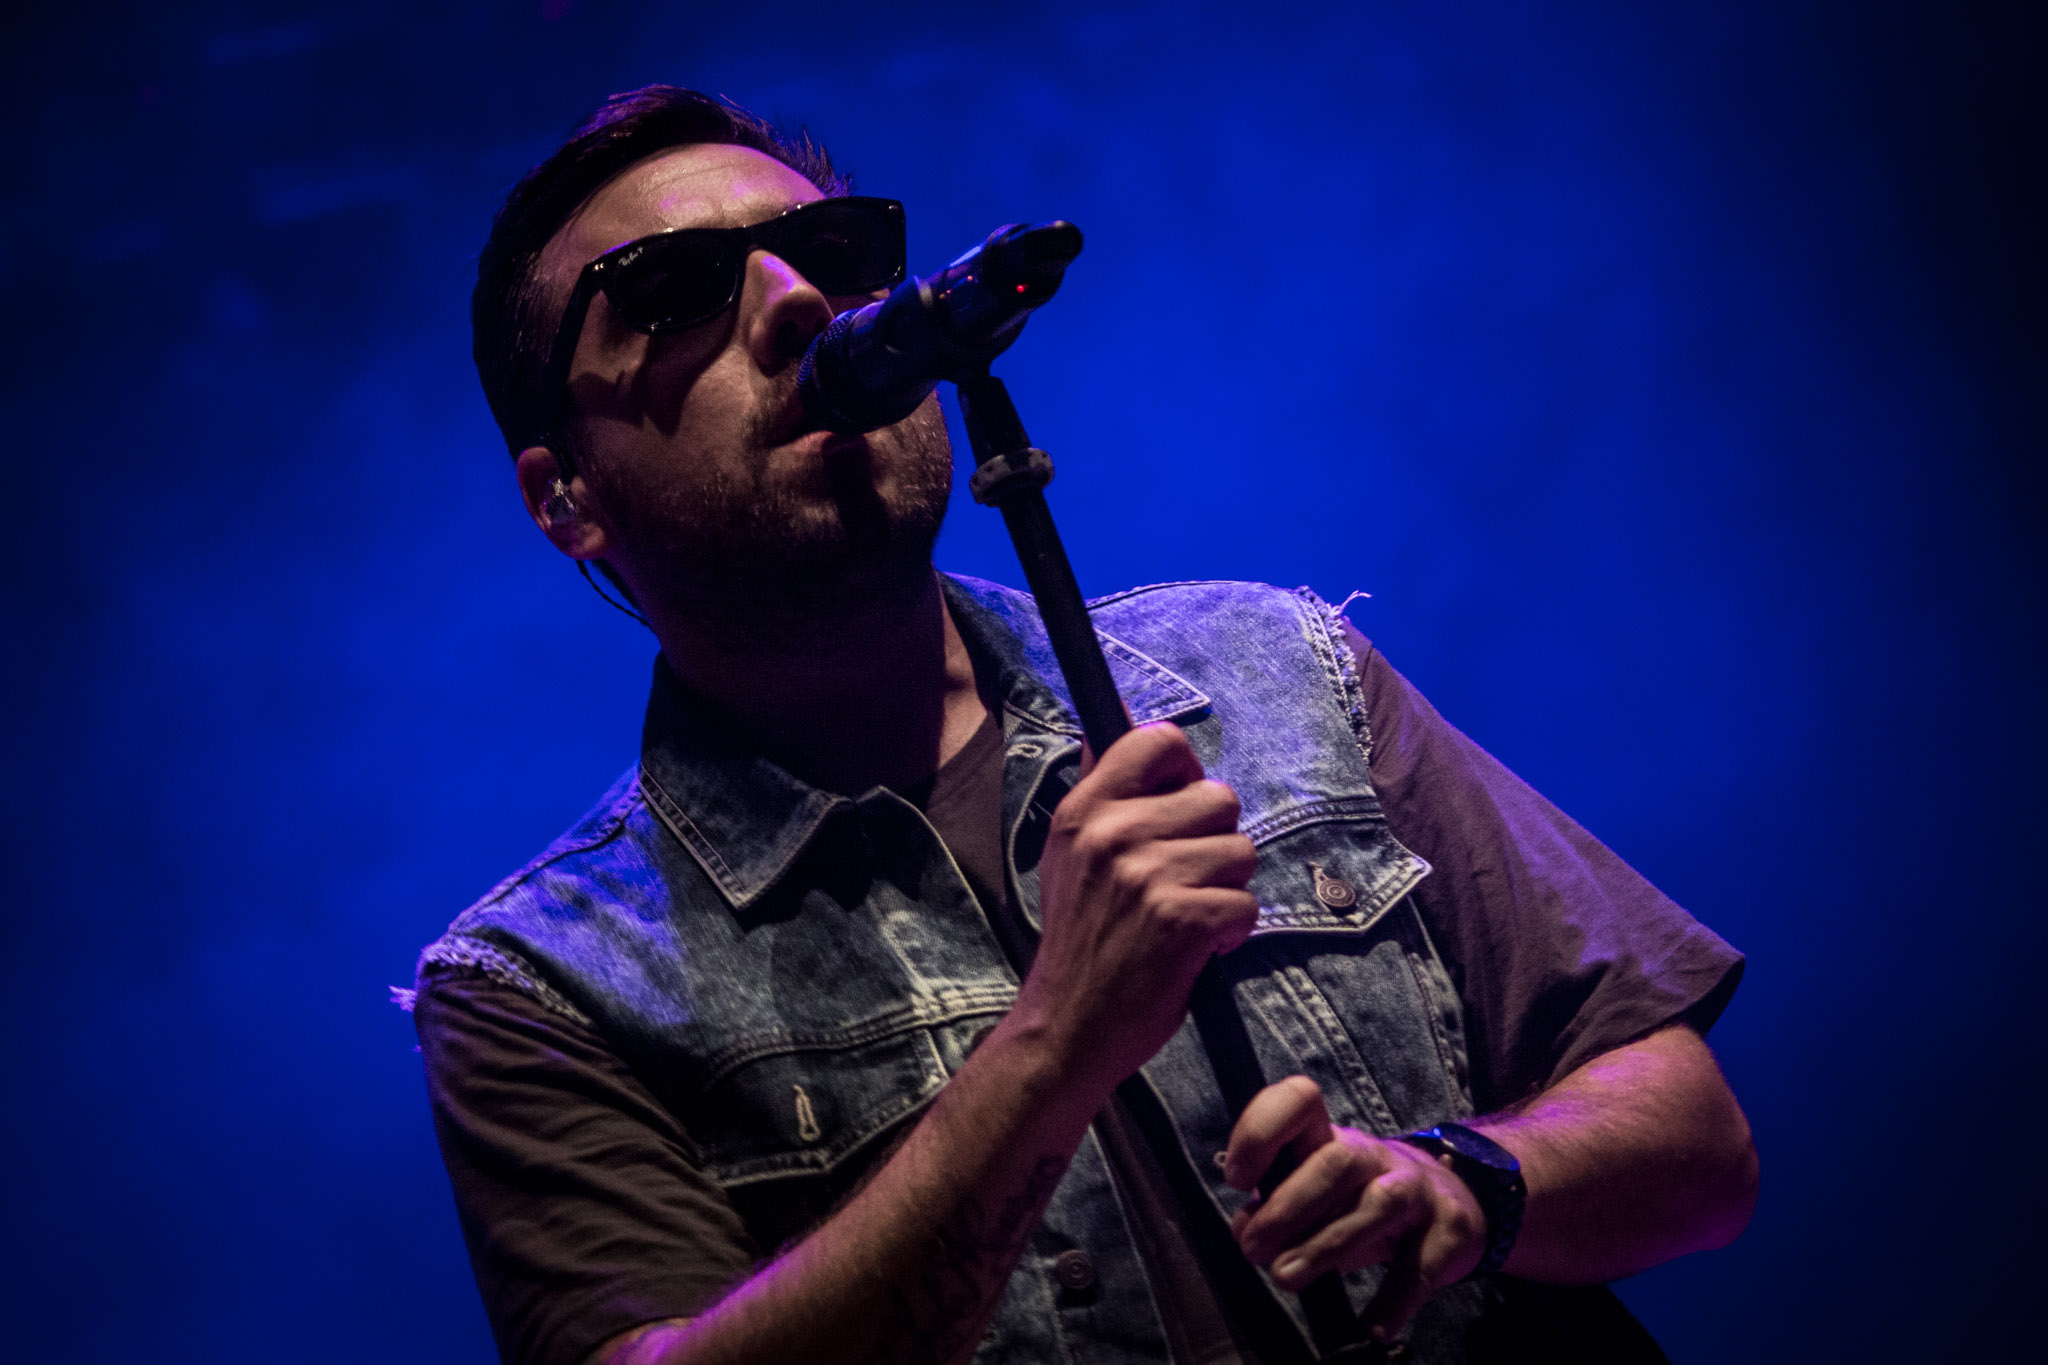 Roma, canzoni e occhiali scuri: intervista a Coez